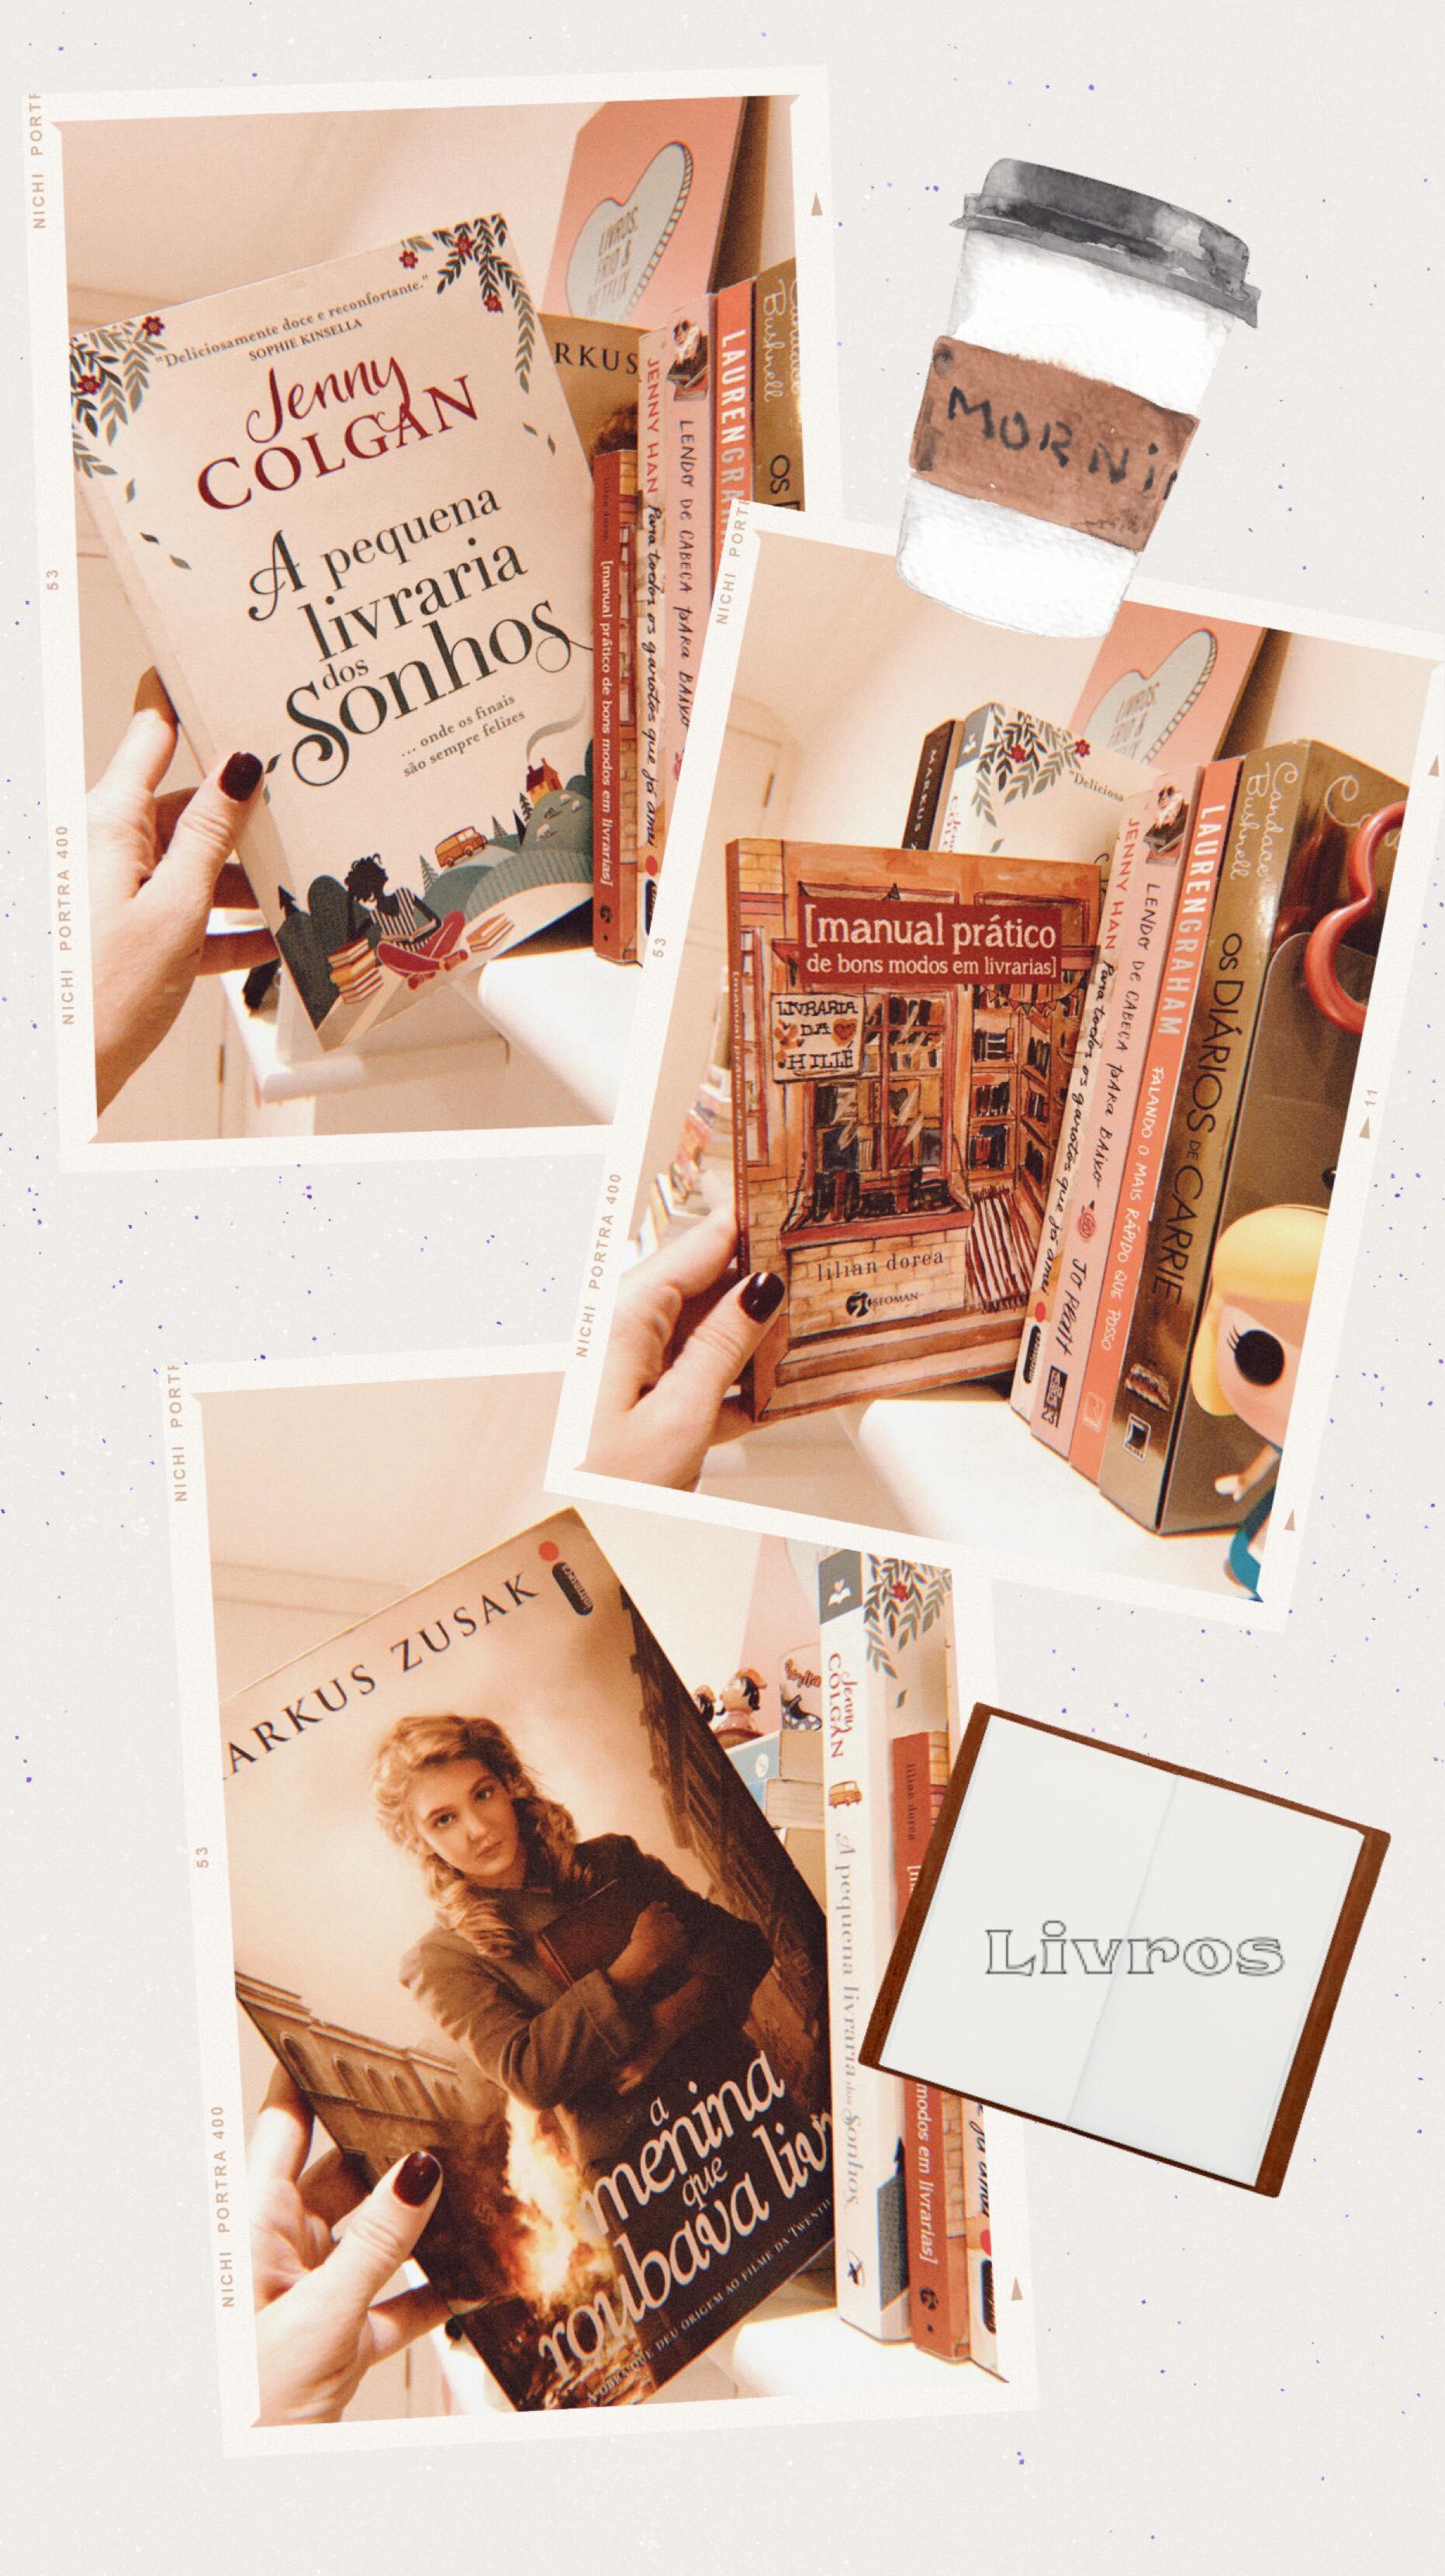 Livros que falam de livros - PJ 1